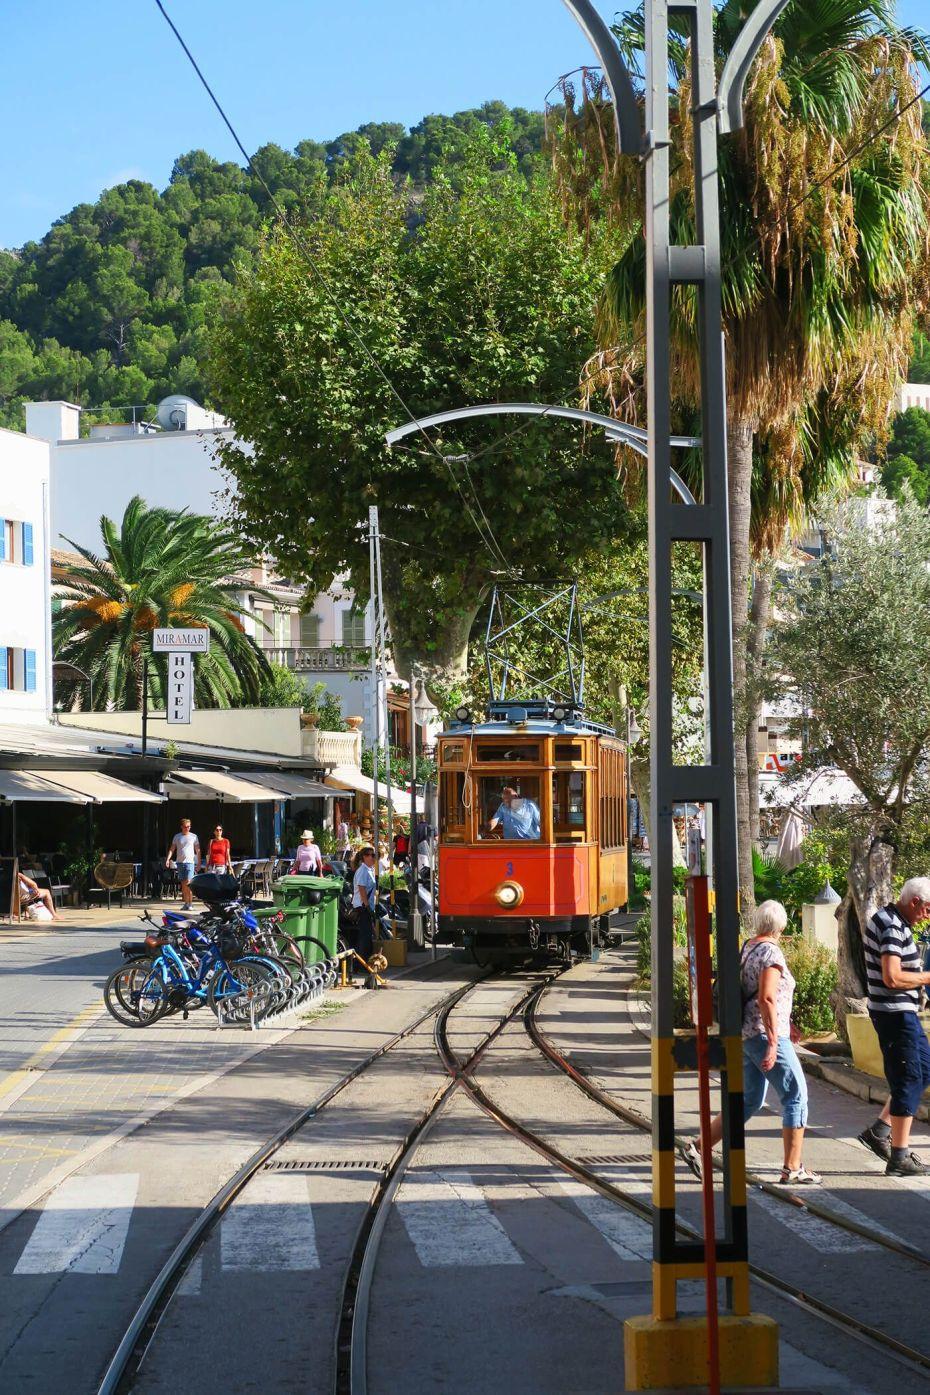 El histórico Tranvía de Sóller en Mallorca, España